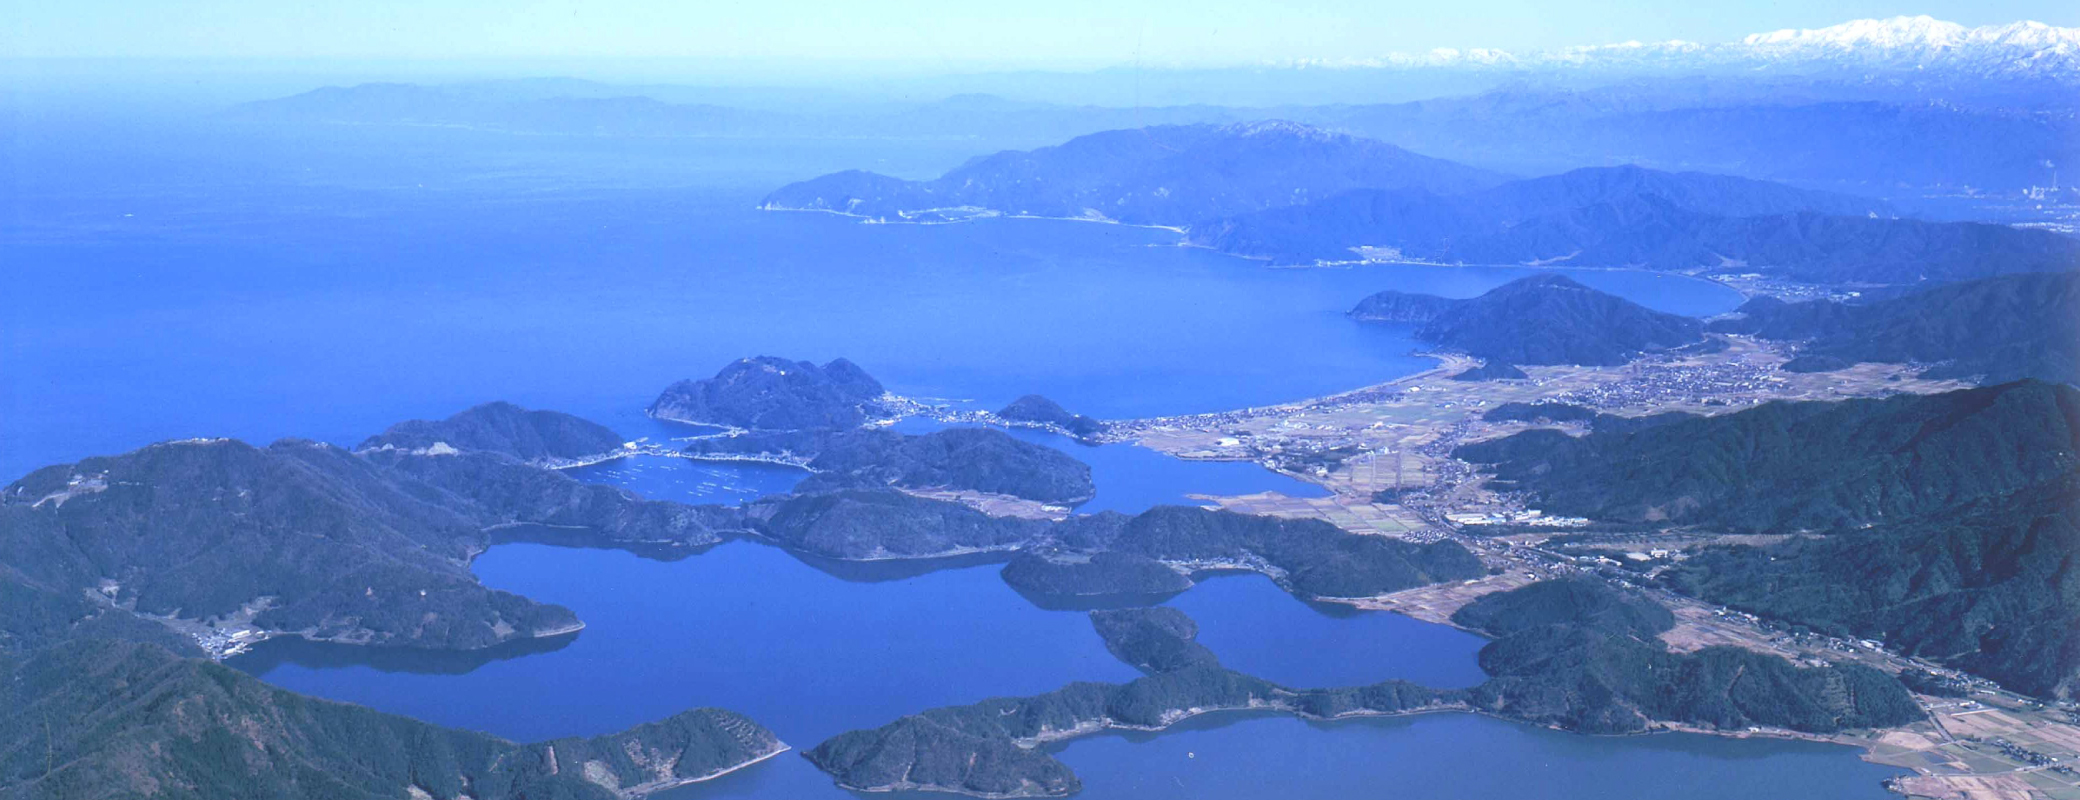 福井県 若狭町